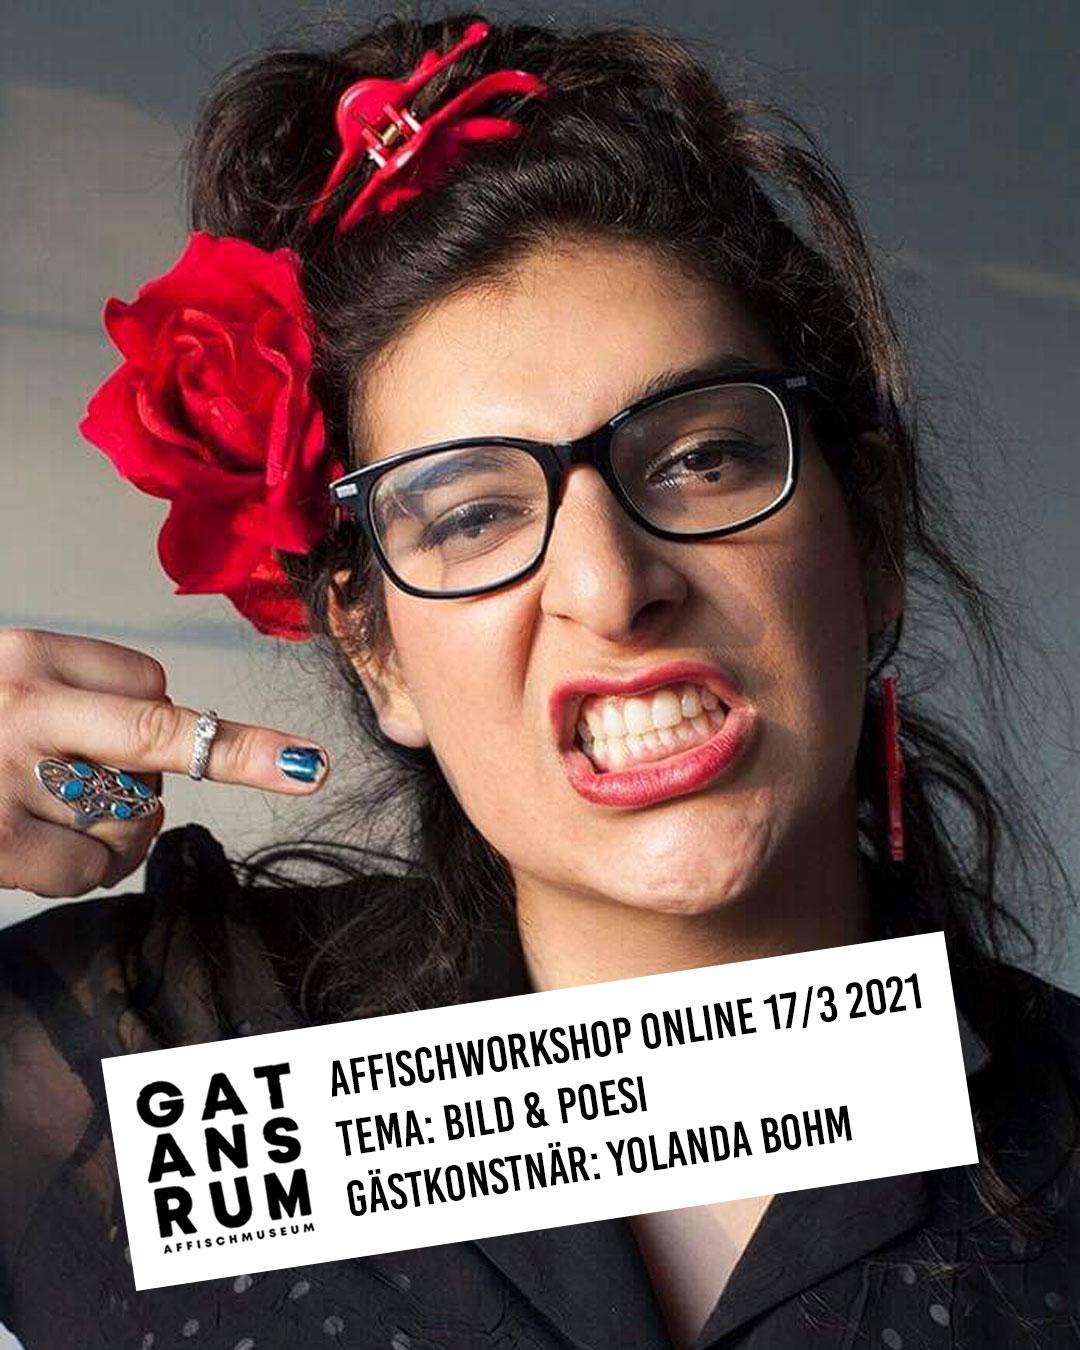 Affischworkshop online 17/3 med Gatans Rum & Yolanda Bohm